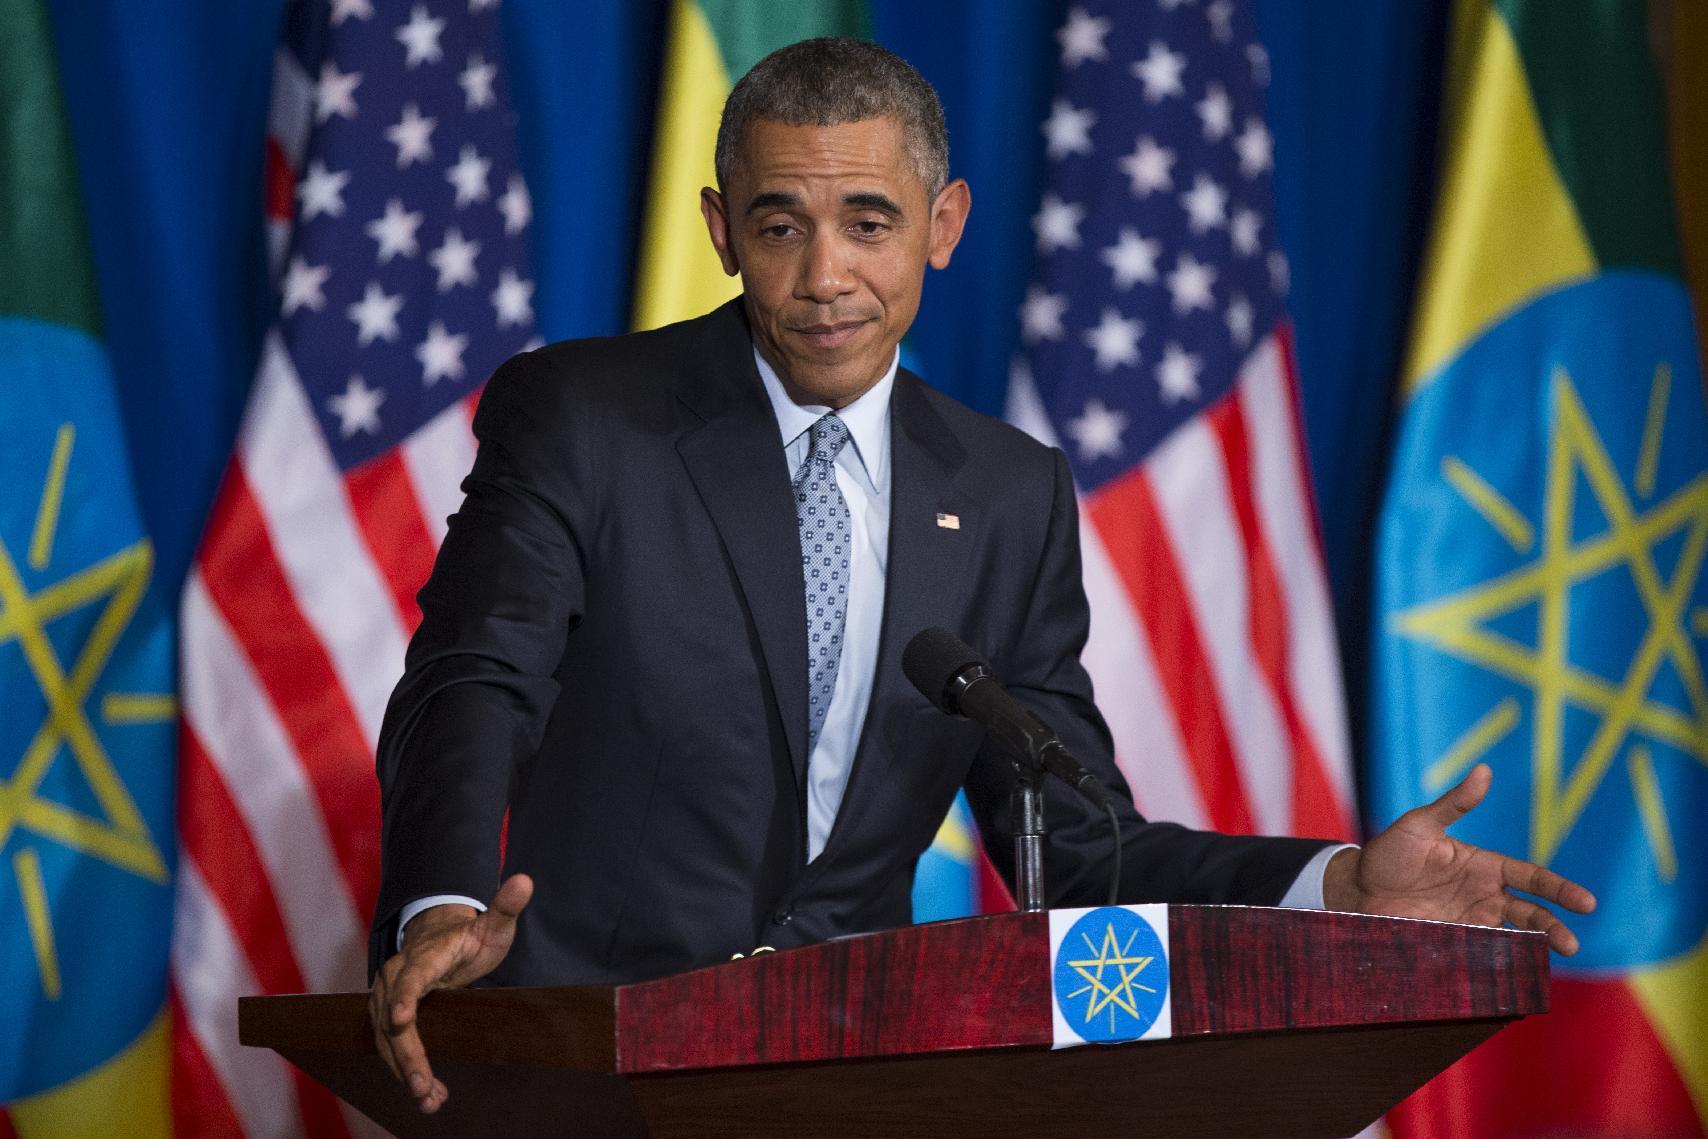 Obama calls GOP criticism of Iran deal 'ridiculous,' 'sad'